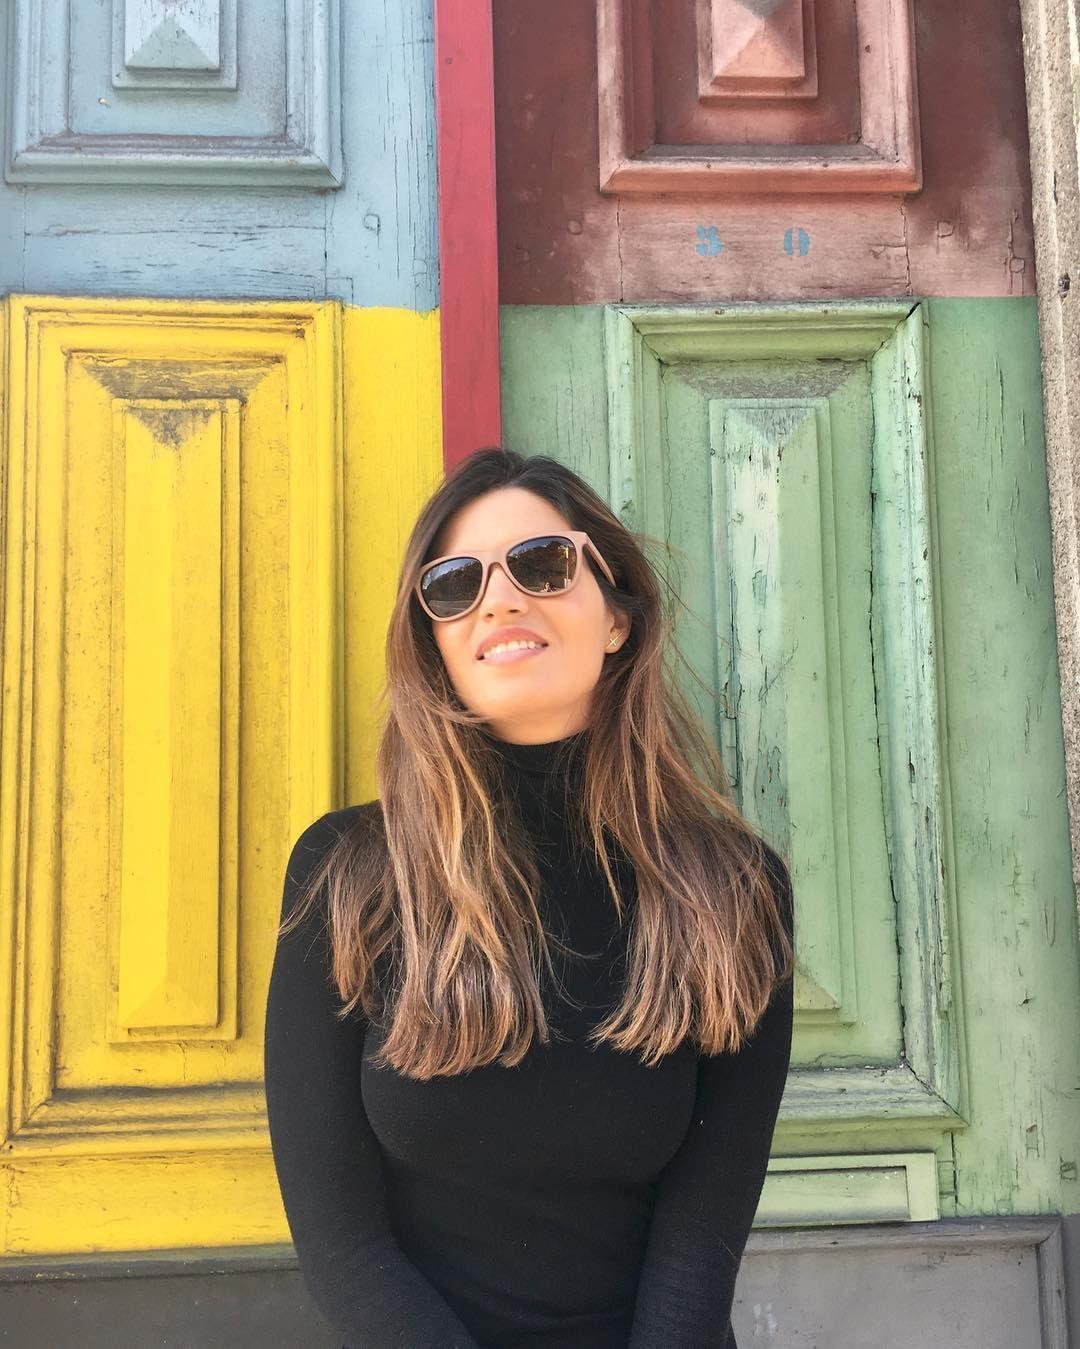 63 1 Mil Me Gusta 274 Comentarios Sara Carbonero Saracarbonero En Instagram Quot Con Mirada De Madre La Mía Mimadresi Long Hair Styles Beauty Style